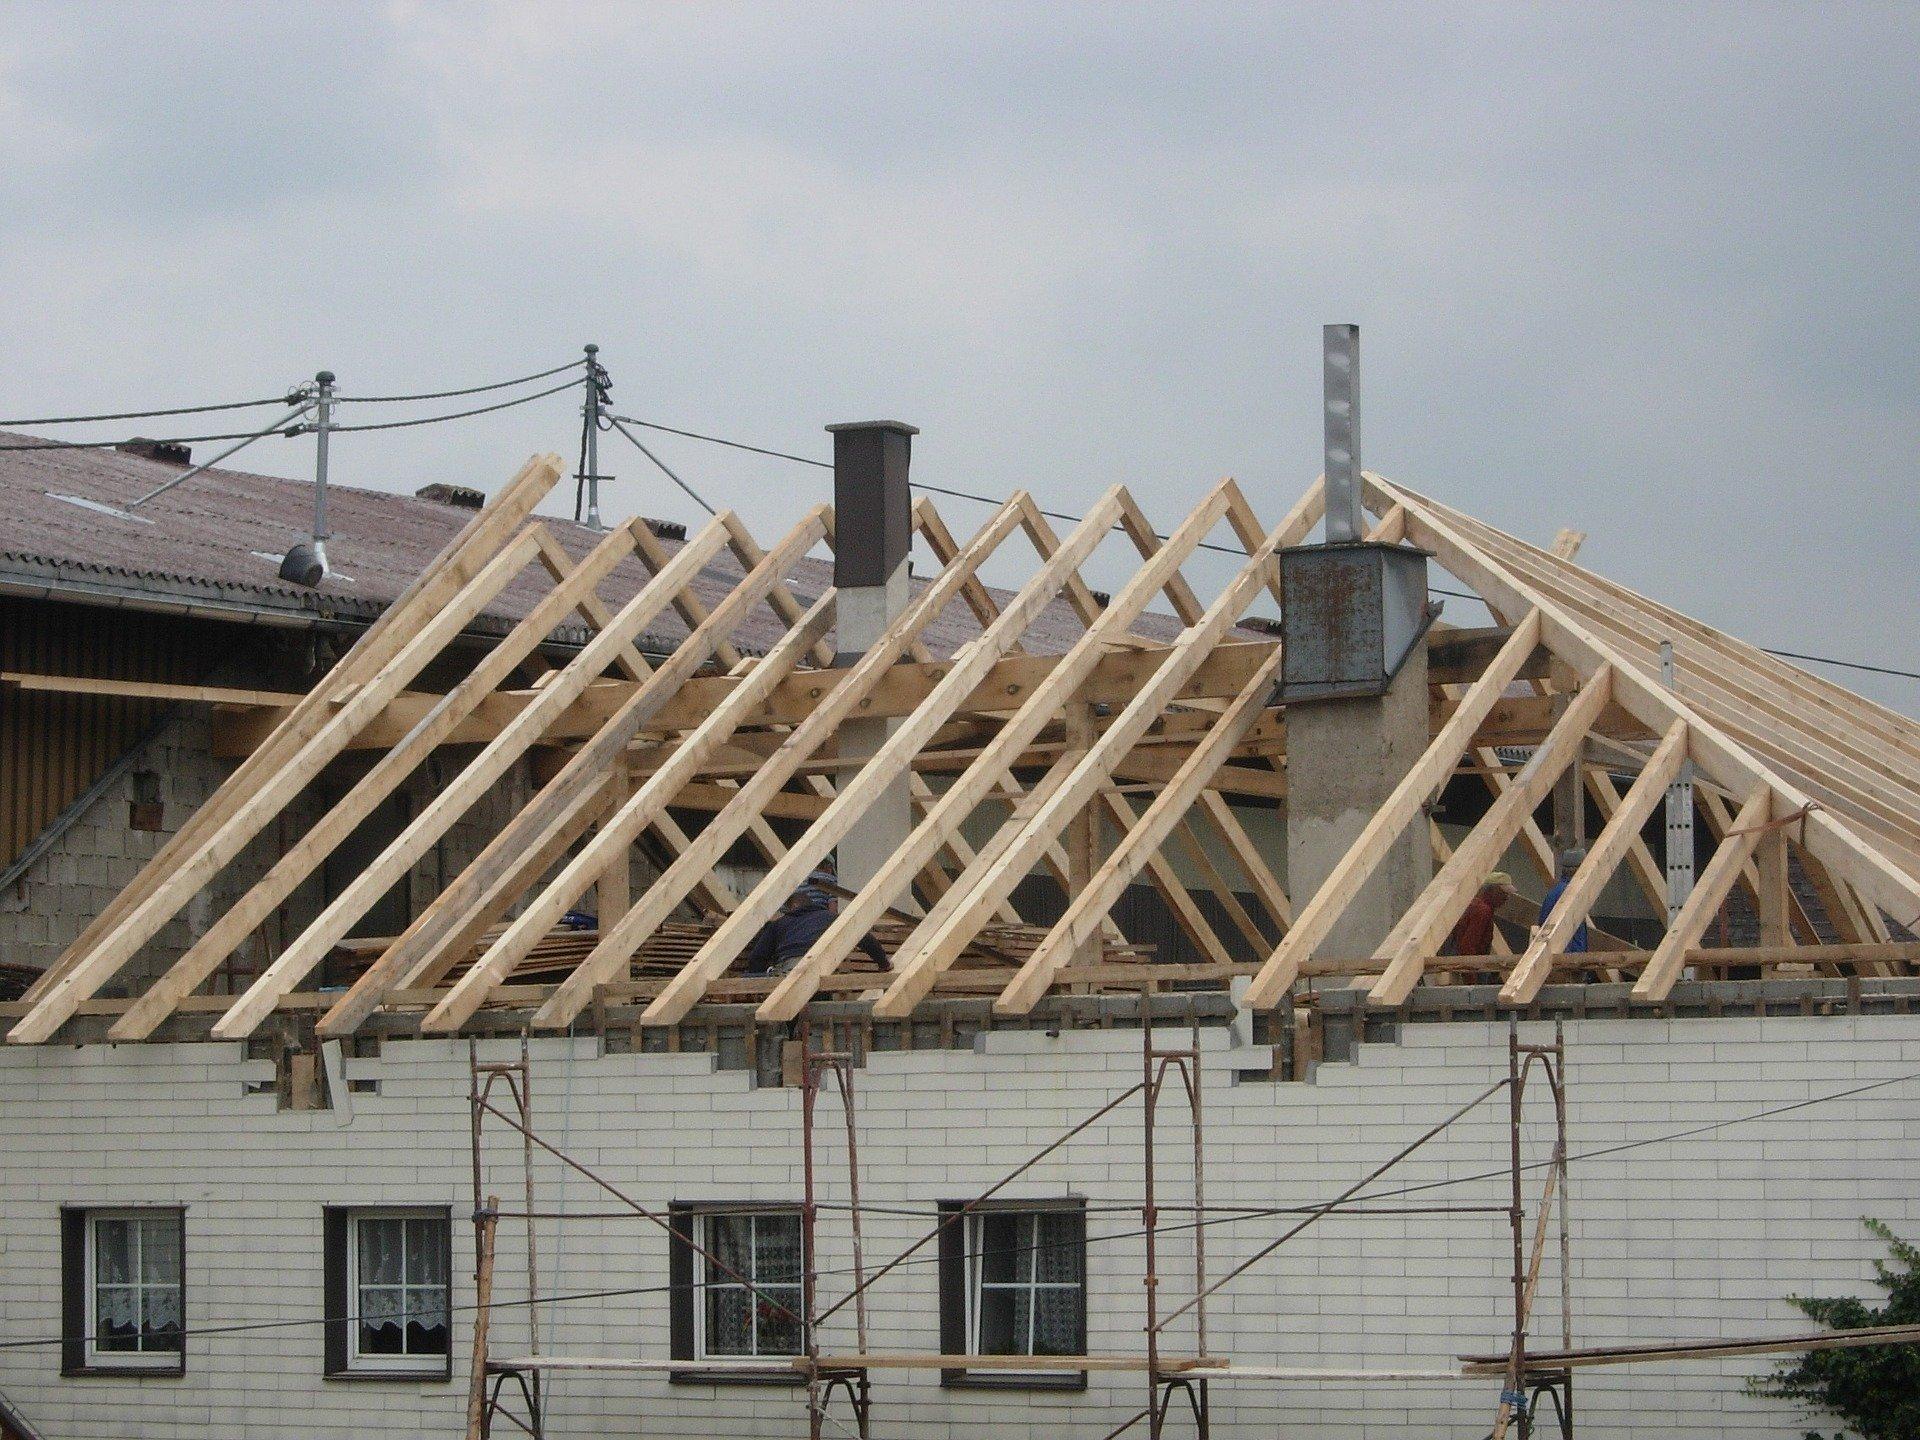 Altbaumodernisierung dach altbau neubau holzdach dachstuhl